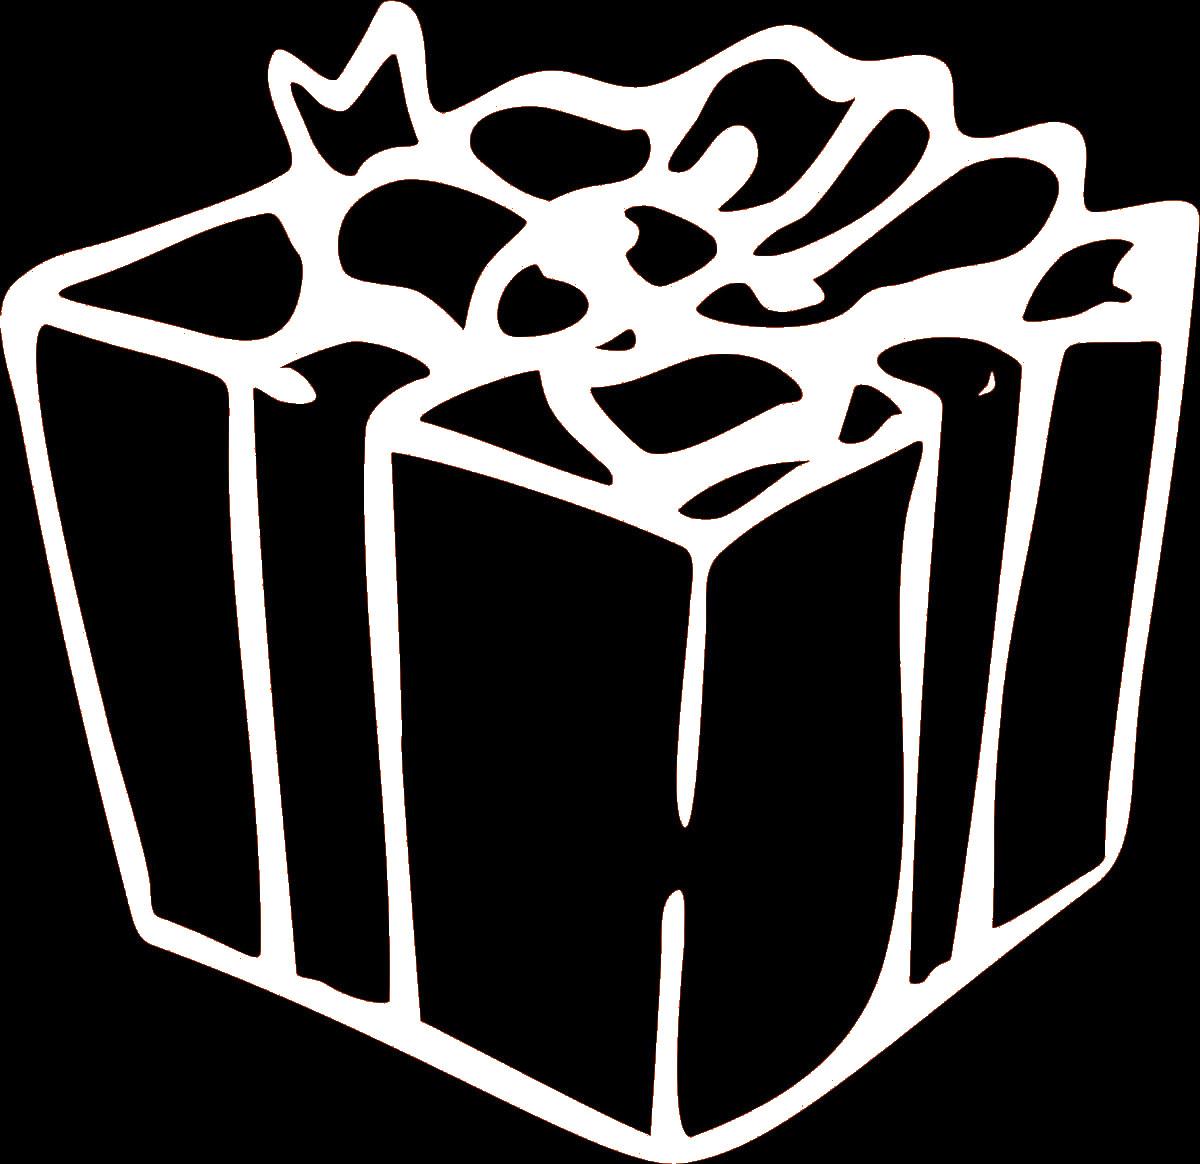 Наклейка автомобильная Оранжевый слоник Подарок в коробке, виниловая, цвет: белый150NG0007WОригинальная наклейка Оранжевый слоник Подарок в коробке изготовлена из высококачественной виниловой пленки, которая выполняет не только декоративную функцию, но и защищает кузов автомобиля от небольших механических повреждений, либо скрывает уже существующие.Виниловые наклейки на автомобиль - это не только красиво, но еще и быстро! Всего за несколько минут вы можете полностью преобразить свой автомобиль, сделать его ярким, необычным, особенным и неповторимым!